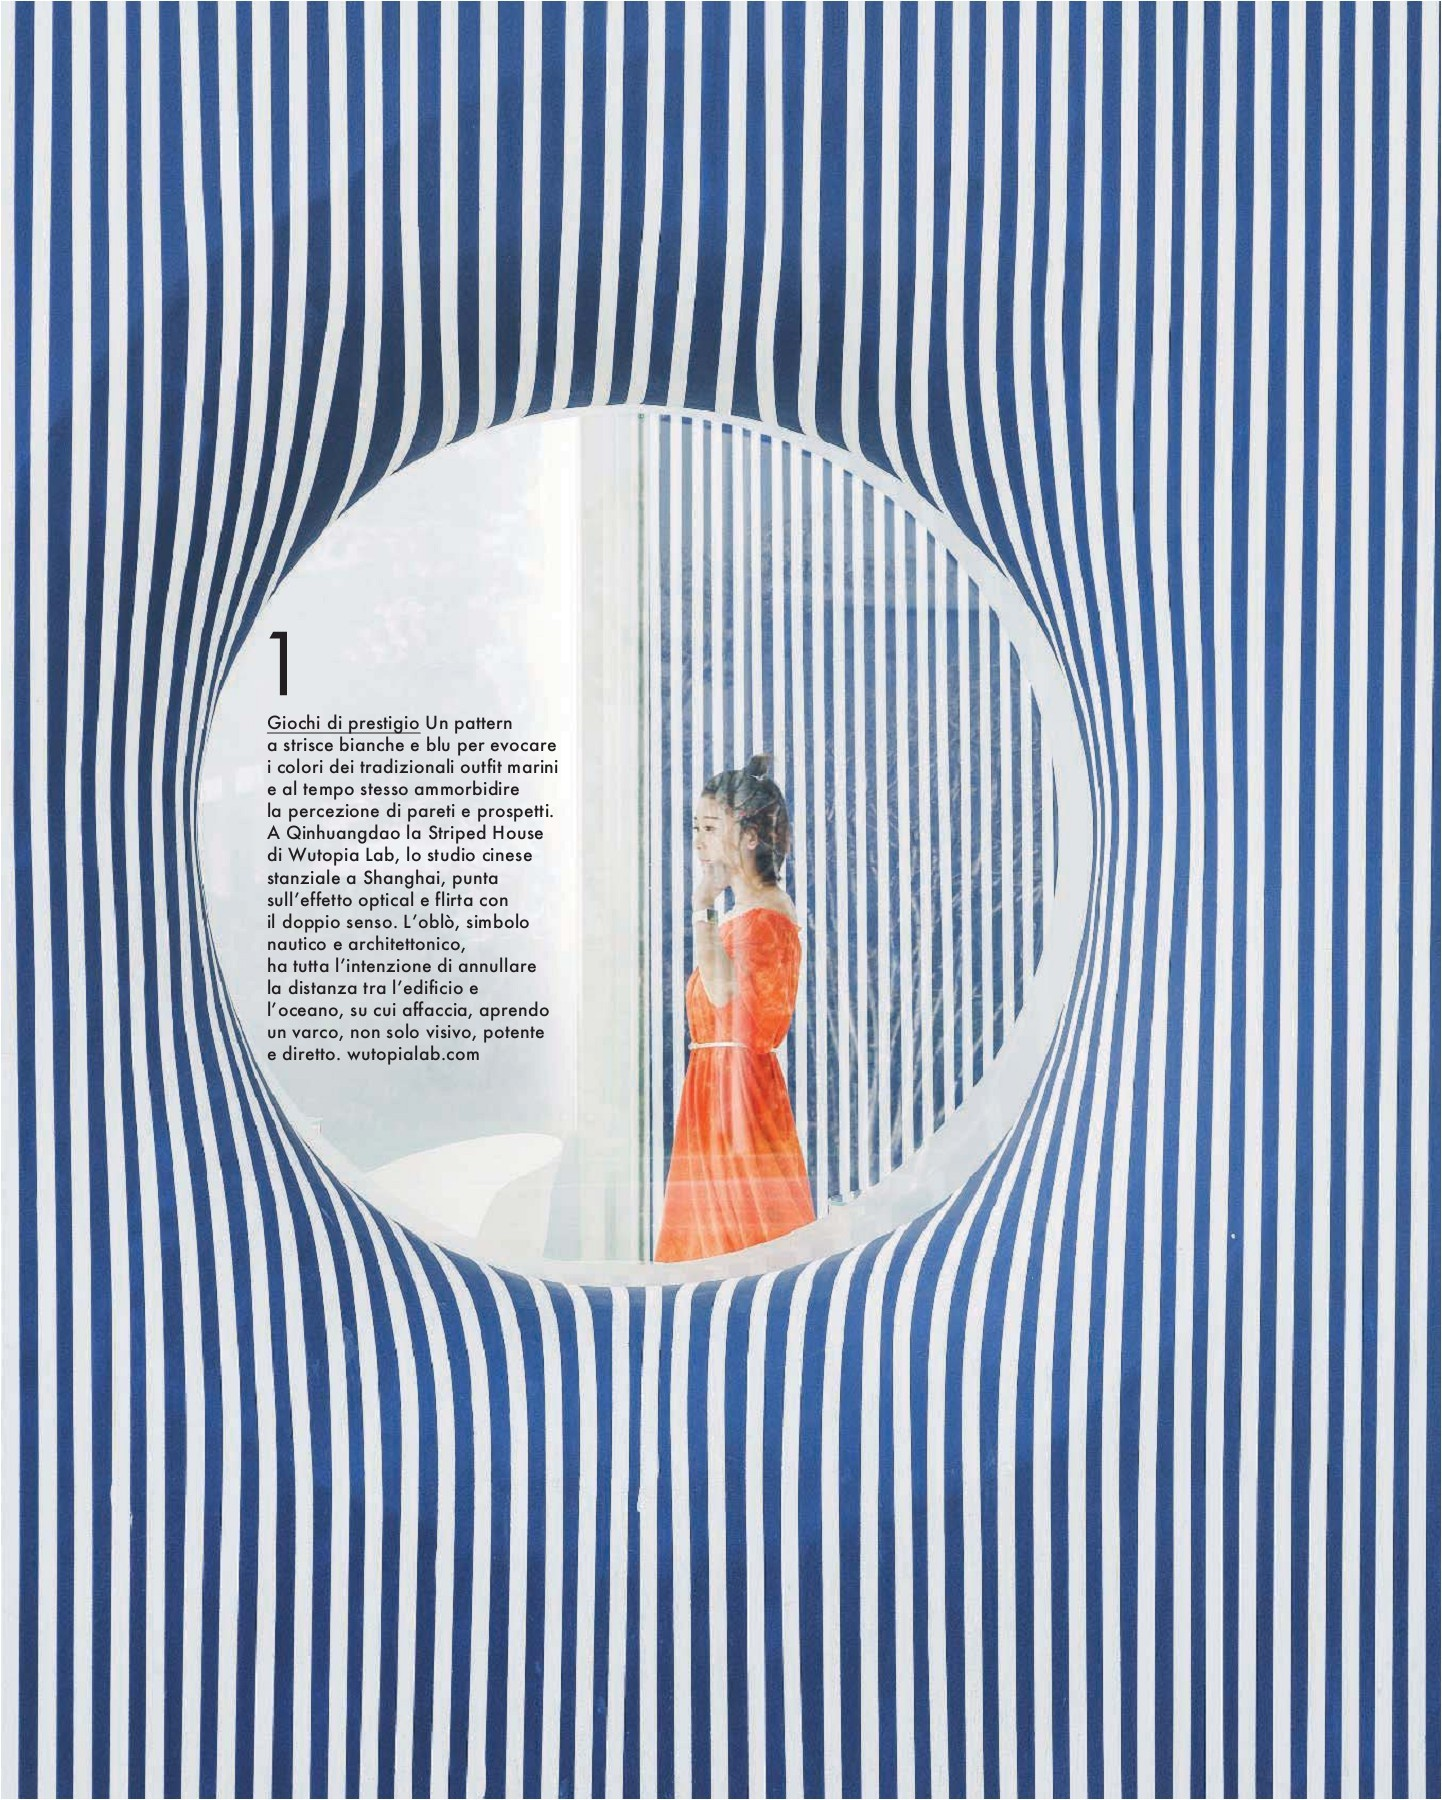 Pittura Vetrificata Per Cucina elle_decor_italia_-_luglio-agosto_2019-flip book pages 51